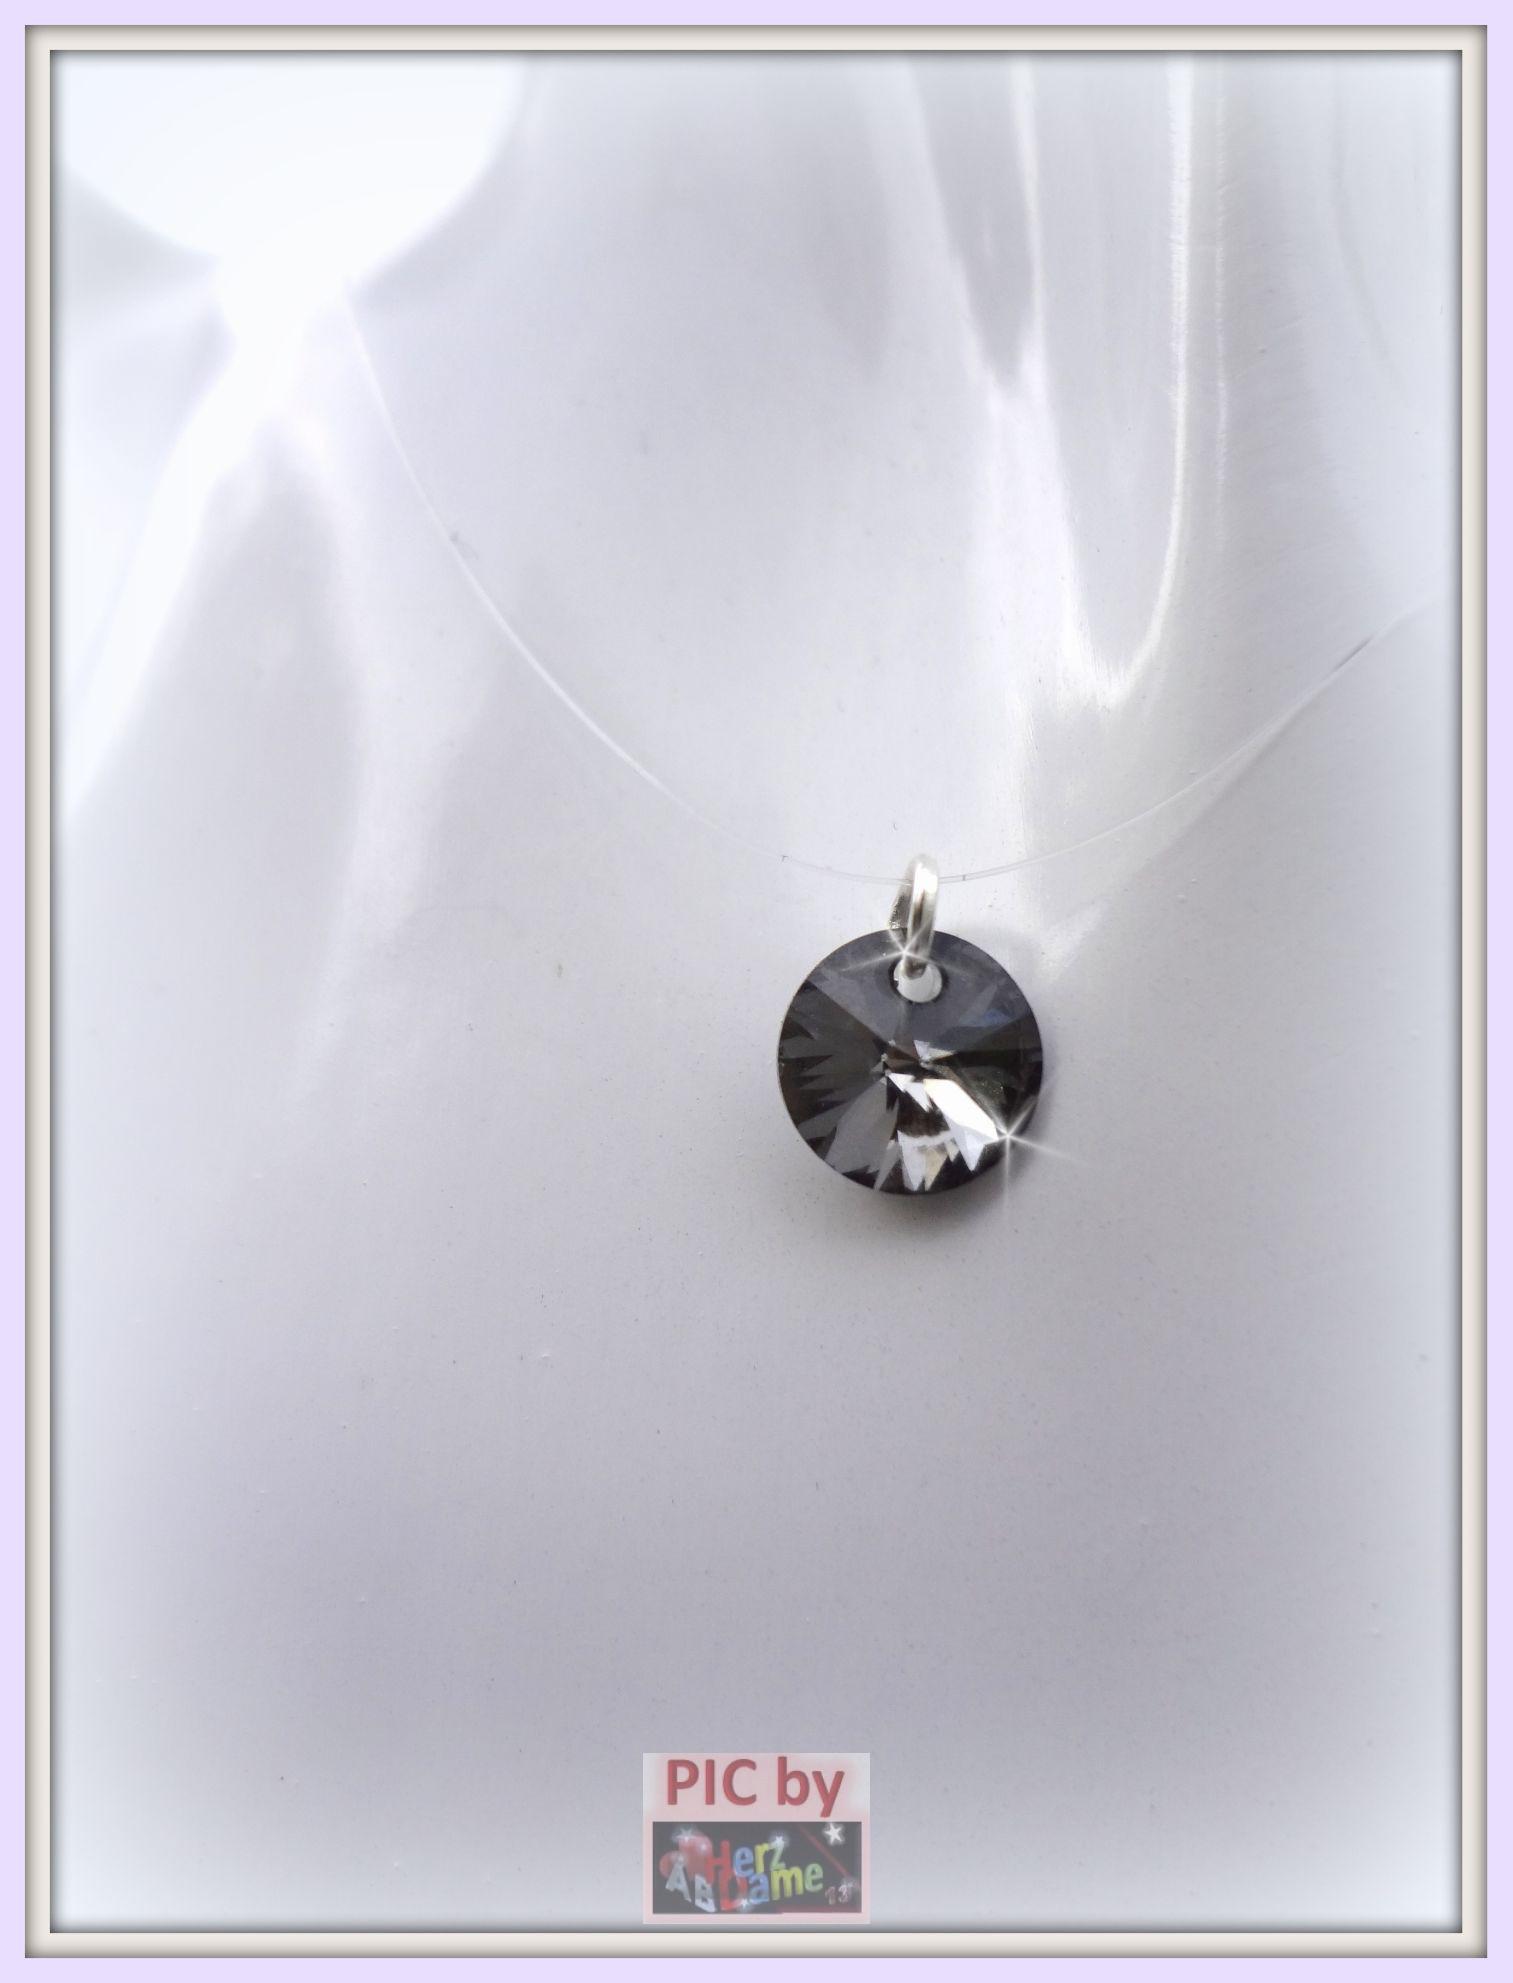 abses schwebender stein silver nylonkette mit swarovski elements silber 925 n ebay. Black Bedroom Furniture Sets. Home Design Ideas